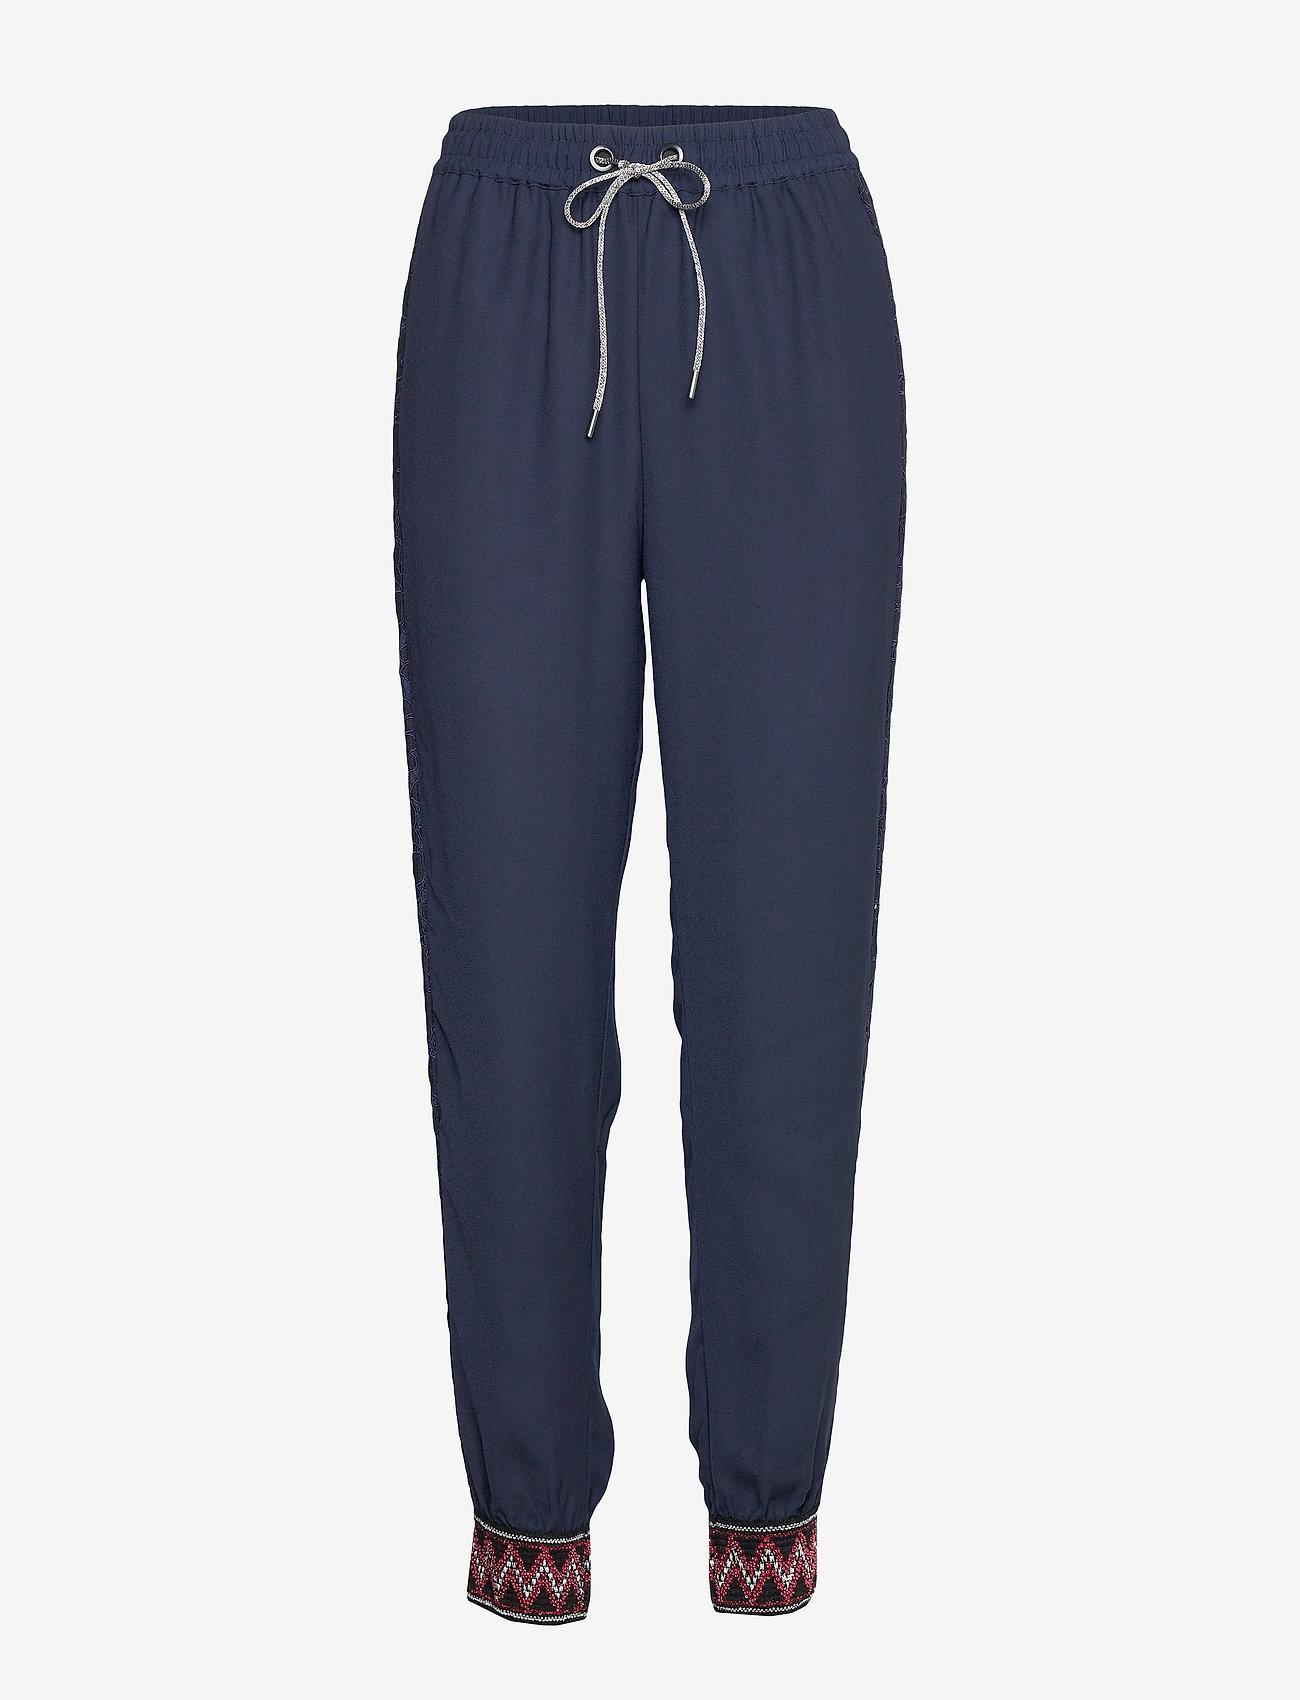 Desigual - PANT ISABELLA - pantalons casual - marino - 0